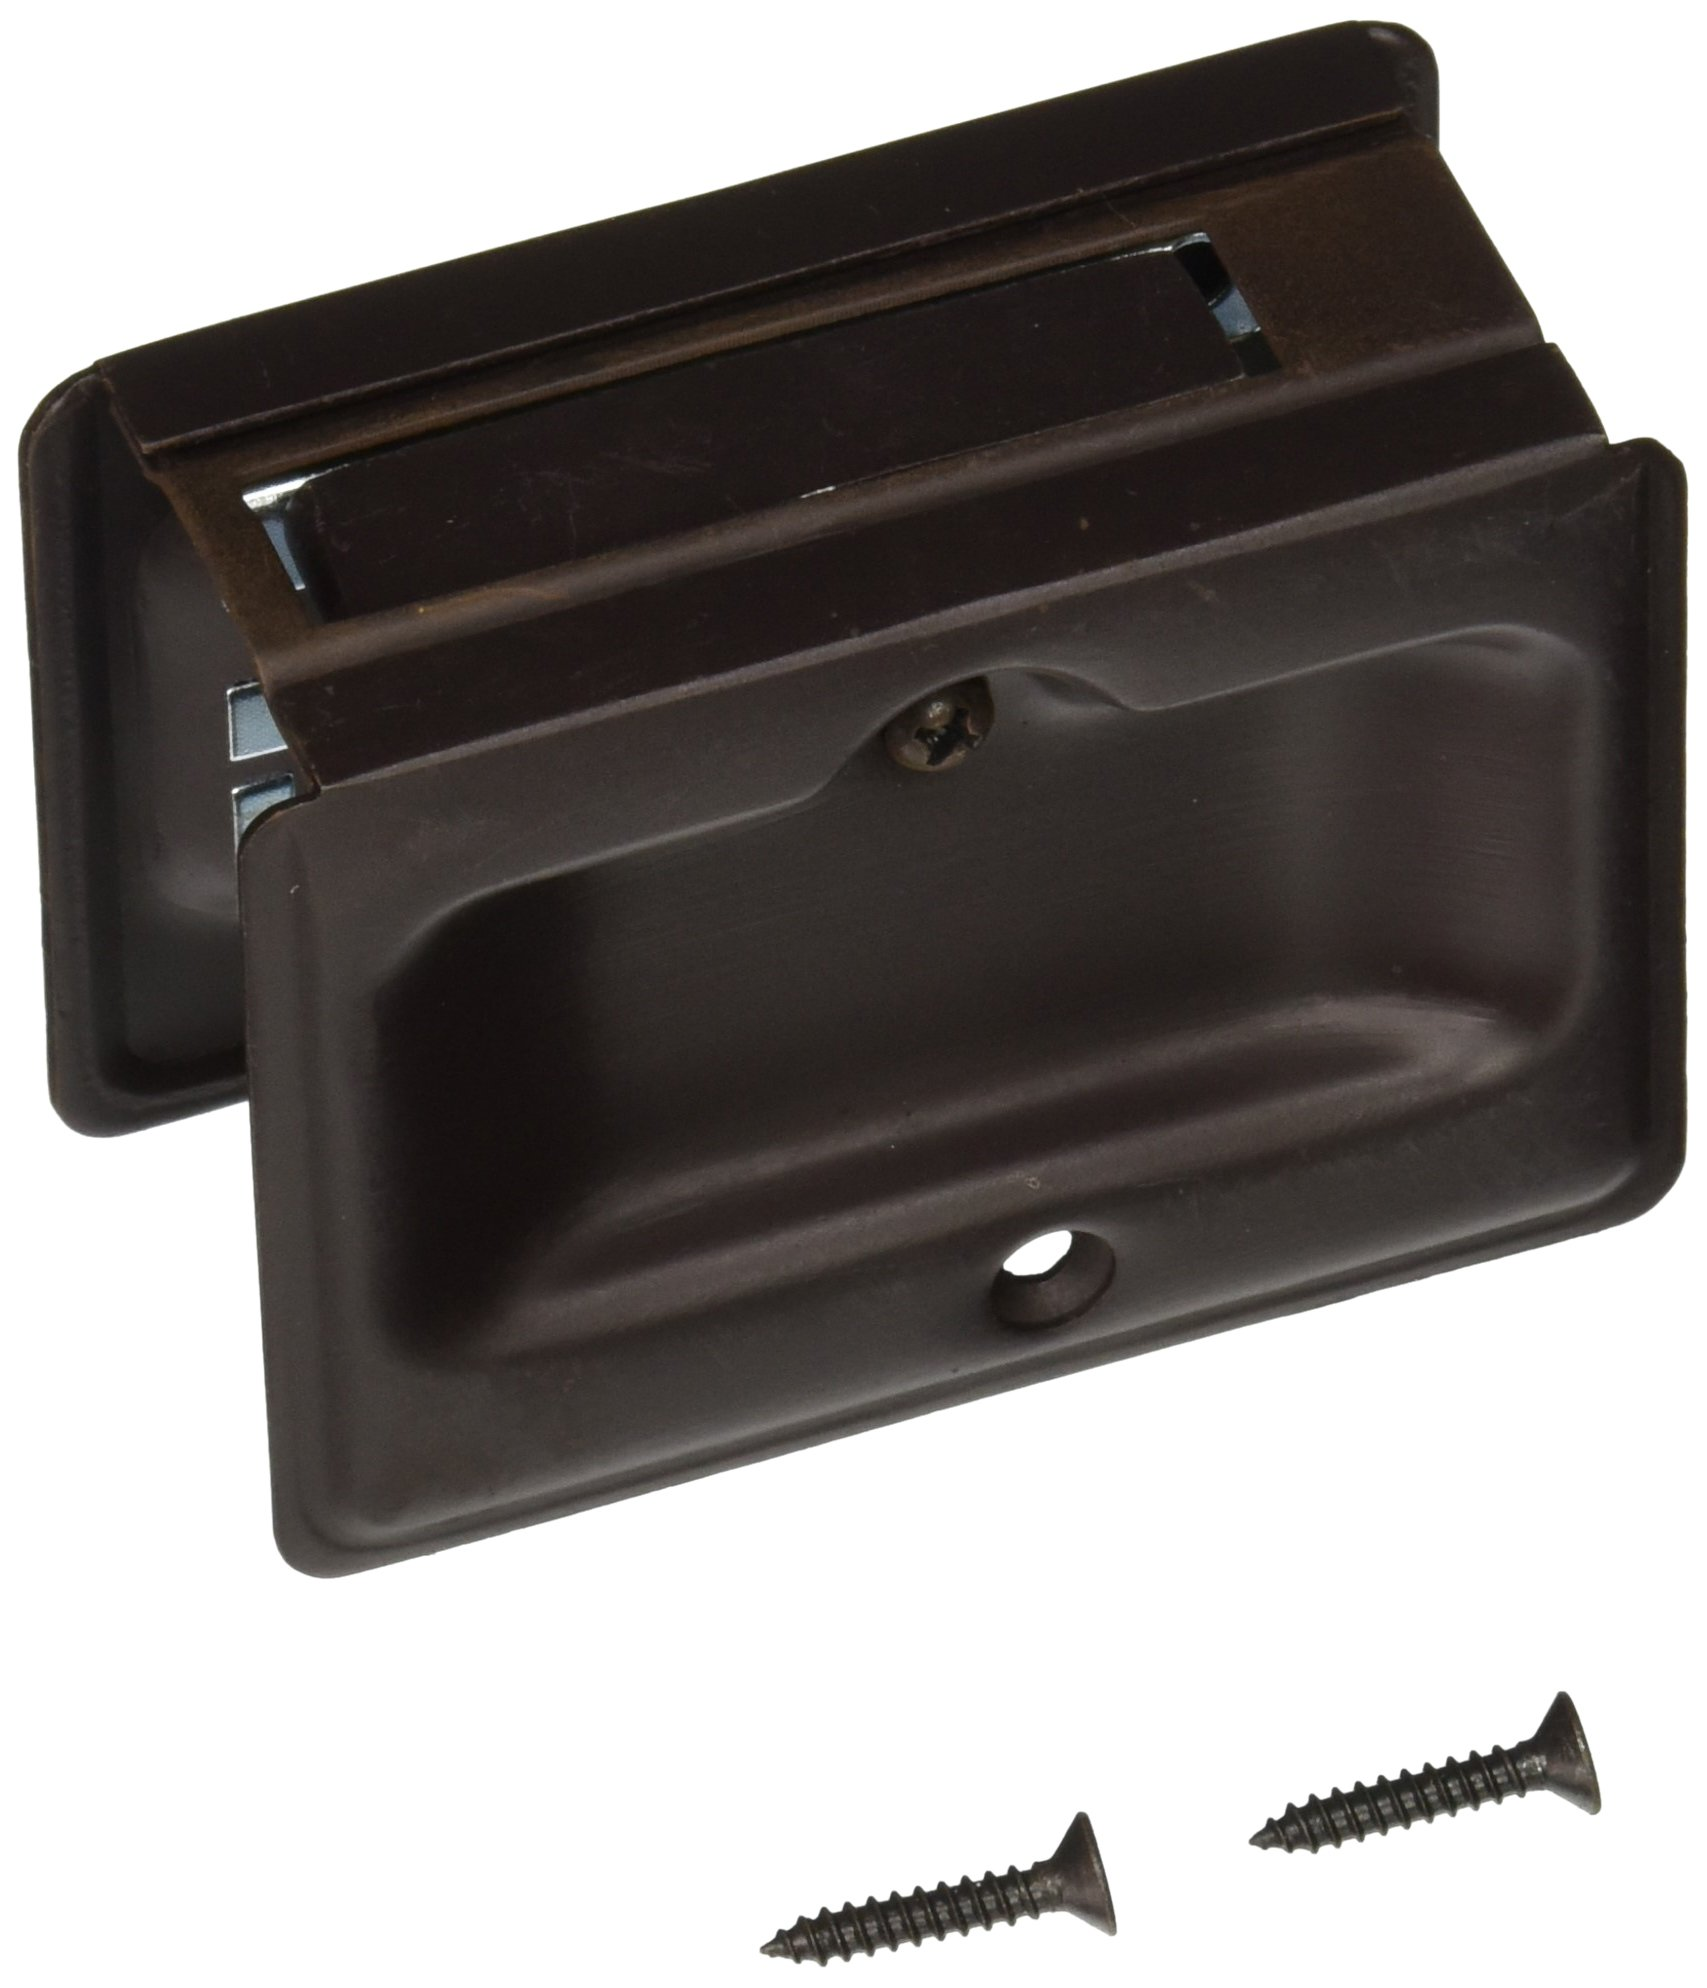 Deltana SDPA325U10B Adjustable 3 1/4-Inch x 2 1/4-Inch Passage HD Pocket Locks